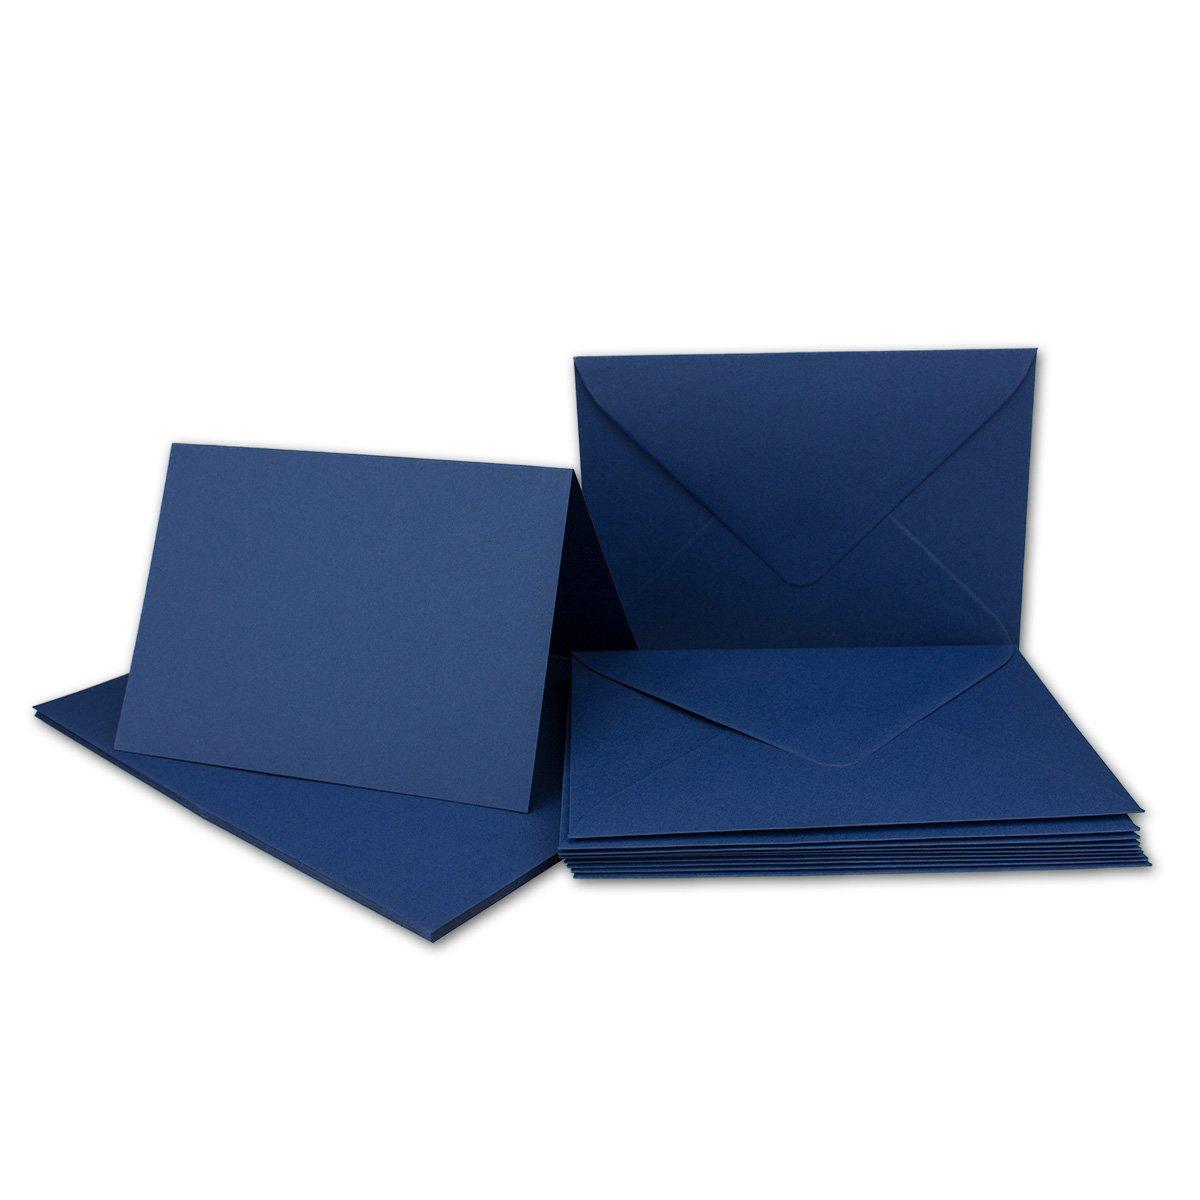 FarbenFroh/® von Gustav NEUSER/® DIN A6 // C6-14,8 x 10,5 cm Premium Qualit/ät 20x Faltkarten Set mit Brief-Umschl/ägen Amarena-Pink